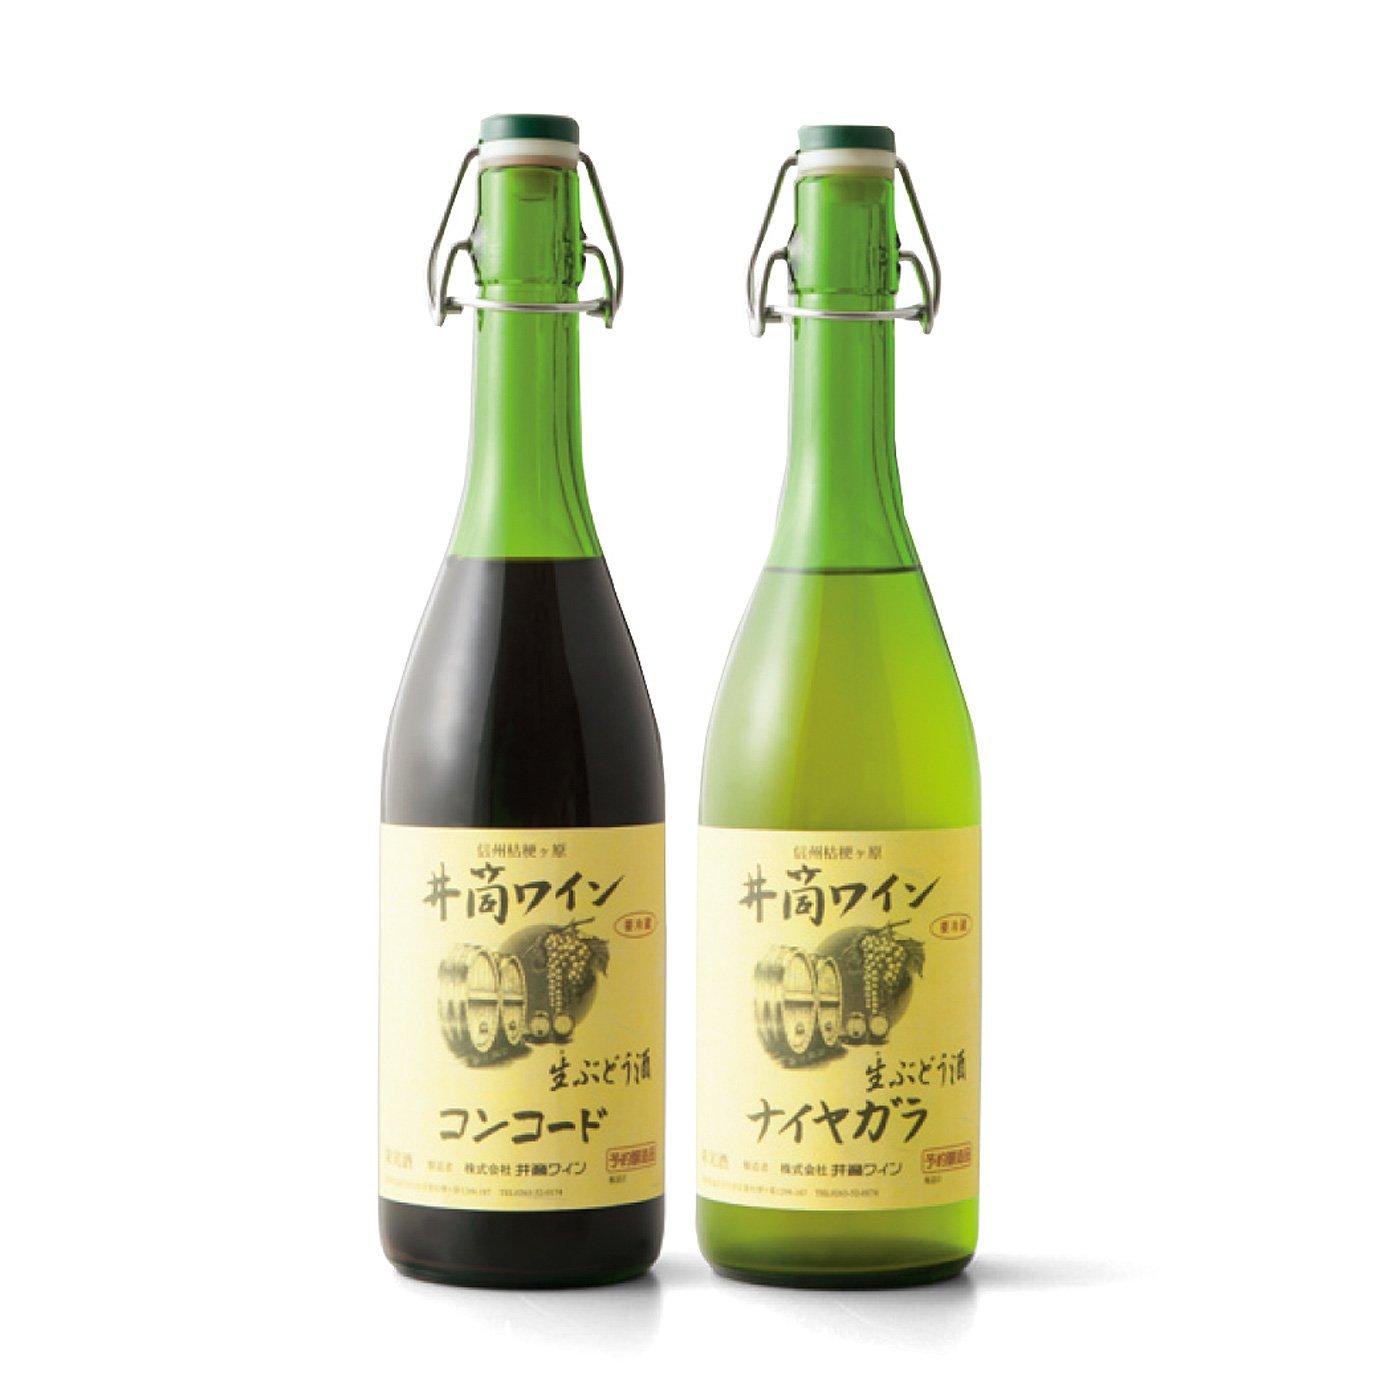 お待たせしました! 2020年産とれたてぶどうで造る井筒生にごりワイン赤白2本セット